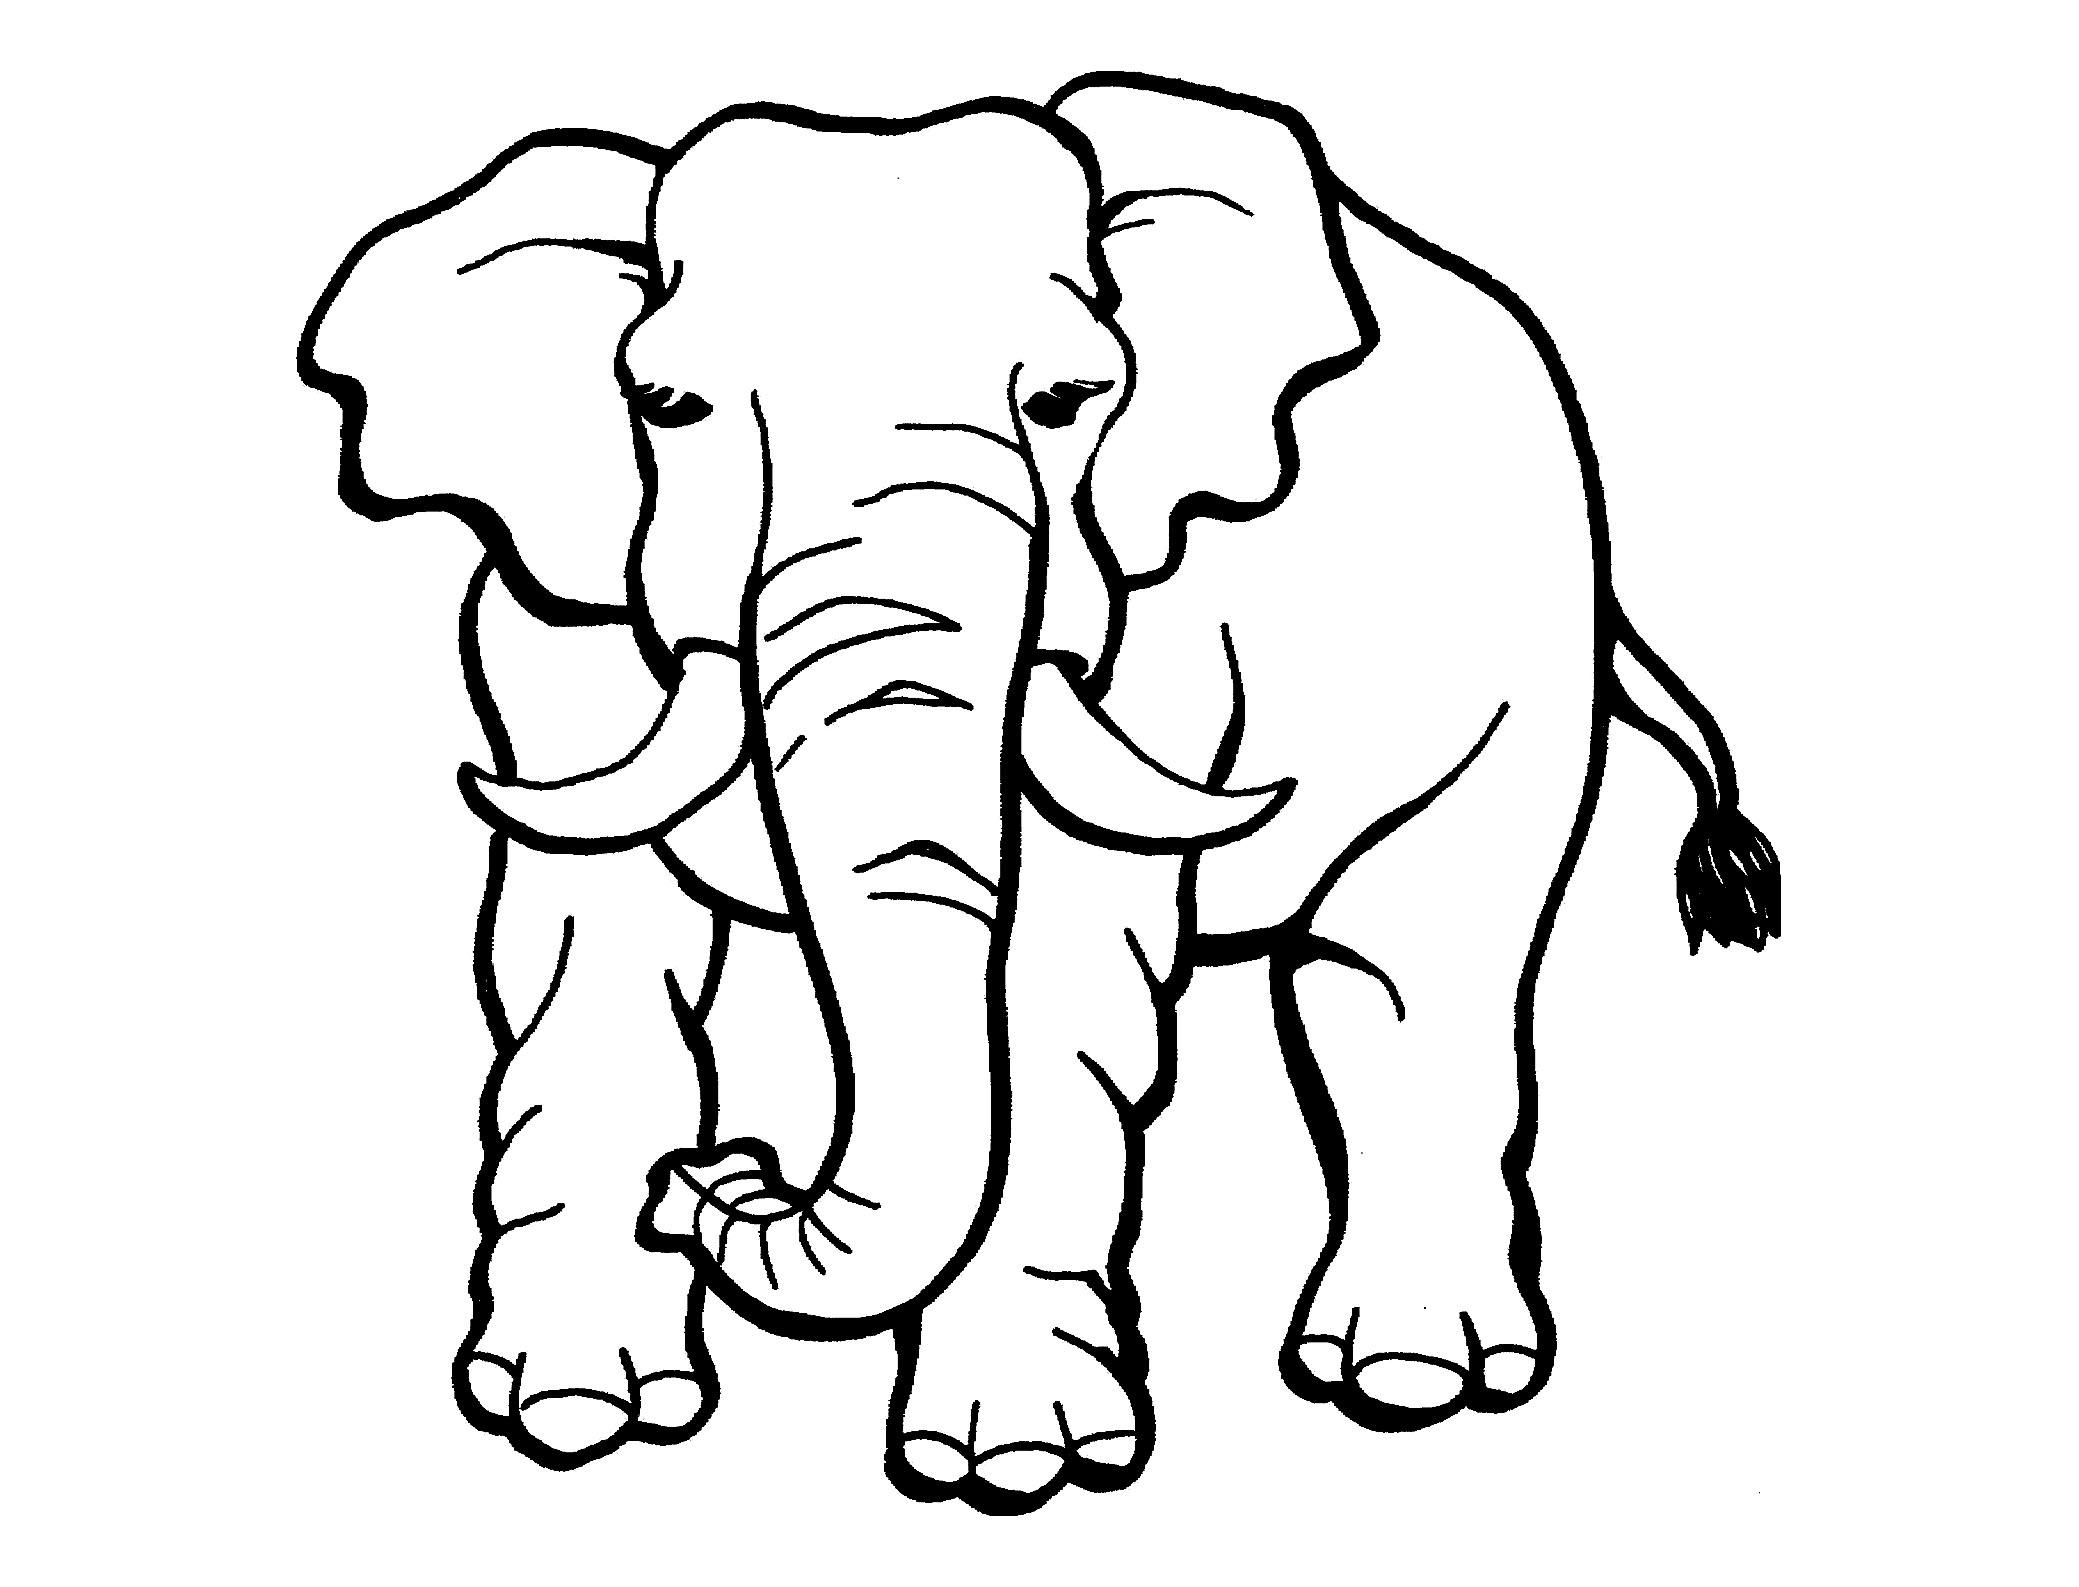 Tranh tô màu chú voi cực đẹp